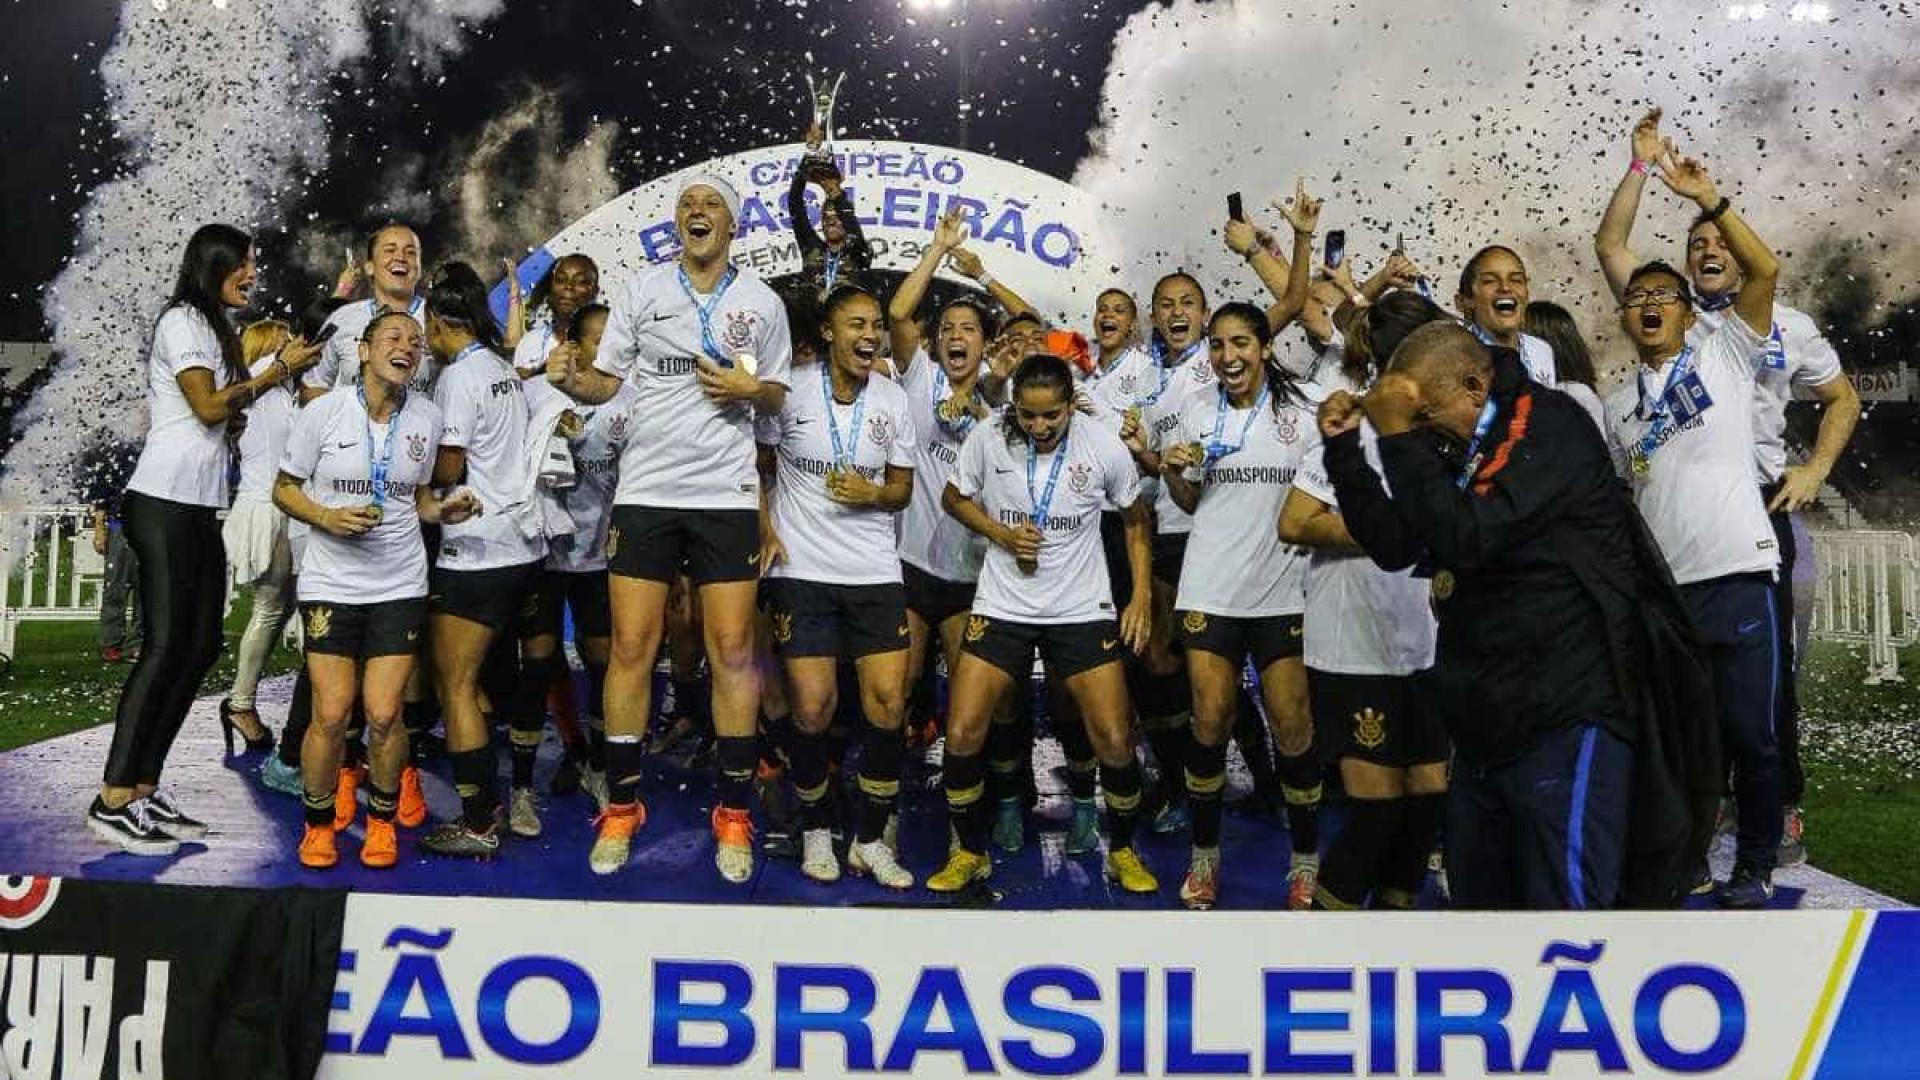 Com recorde de público, Corinthians é campeão paulista no feminino